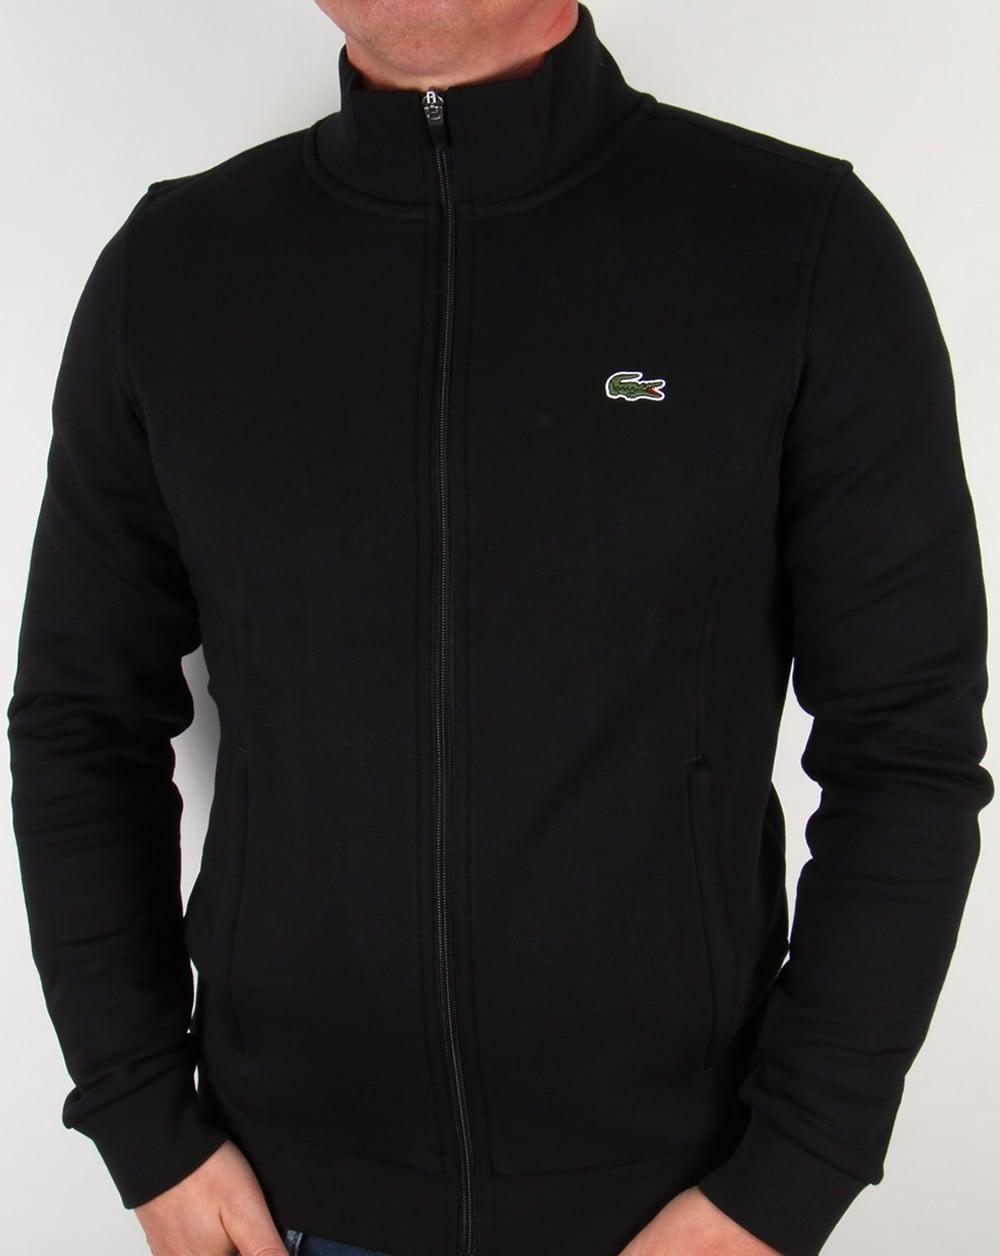 e6d1d94256 Lacoste Zip Up Track Top Black